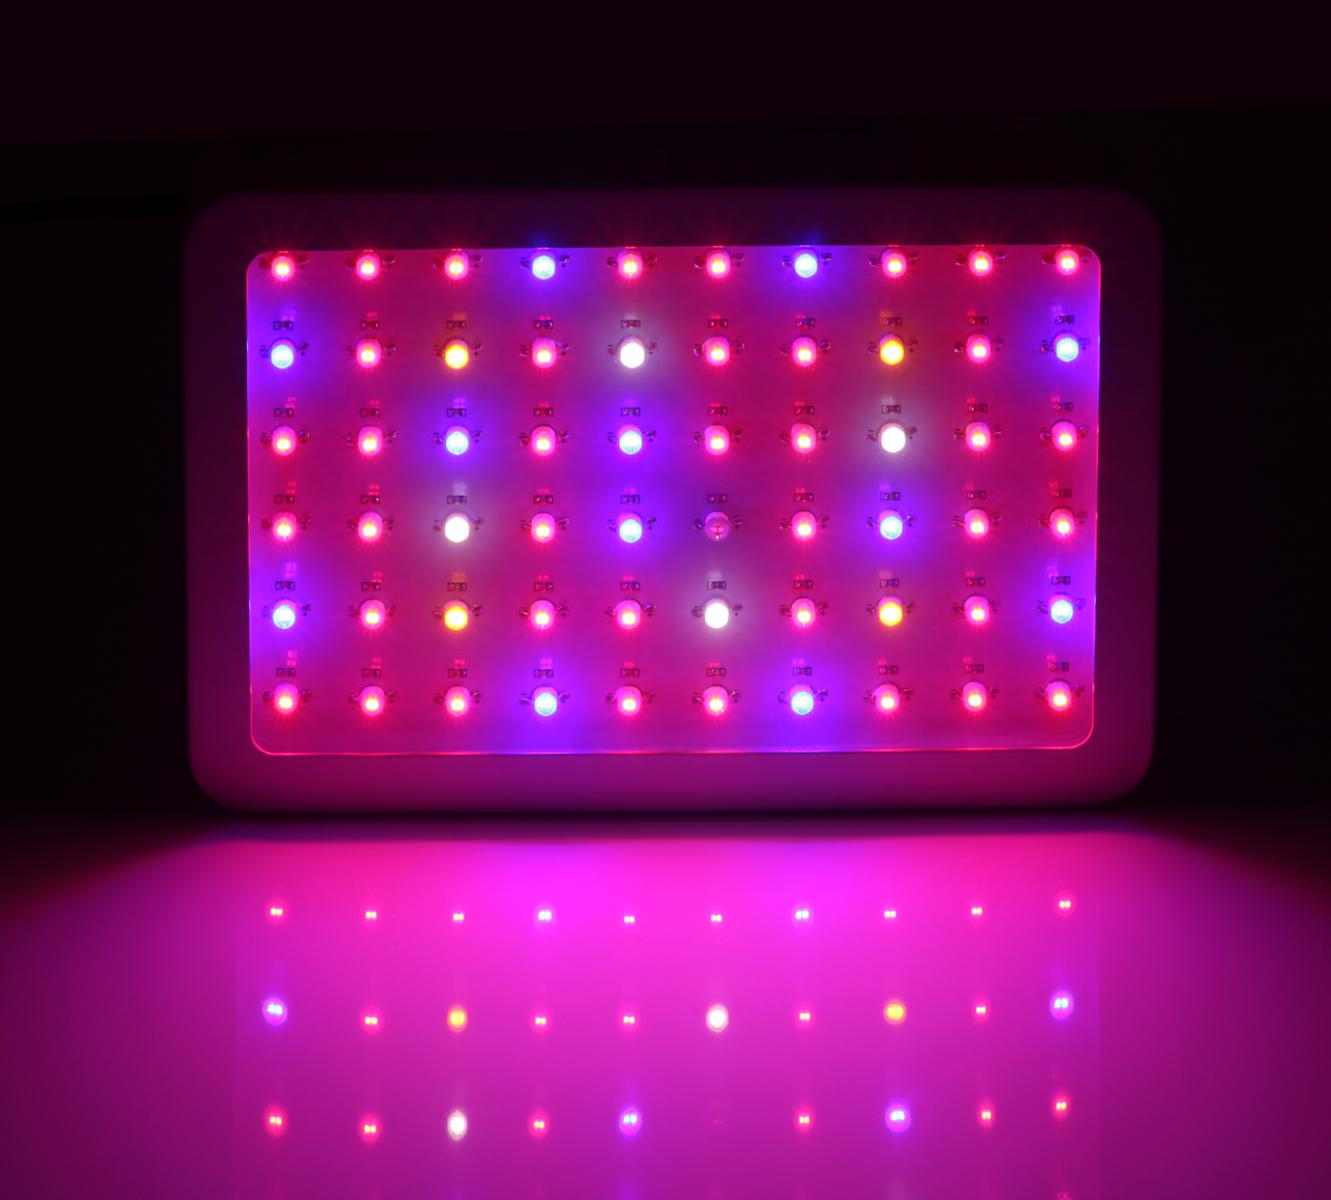 Bossled 600w Led Grow Light Full Spectrum Greenhouse